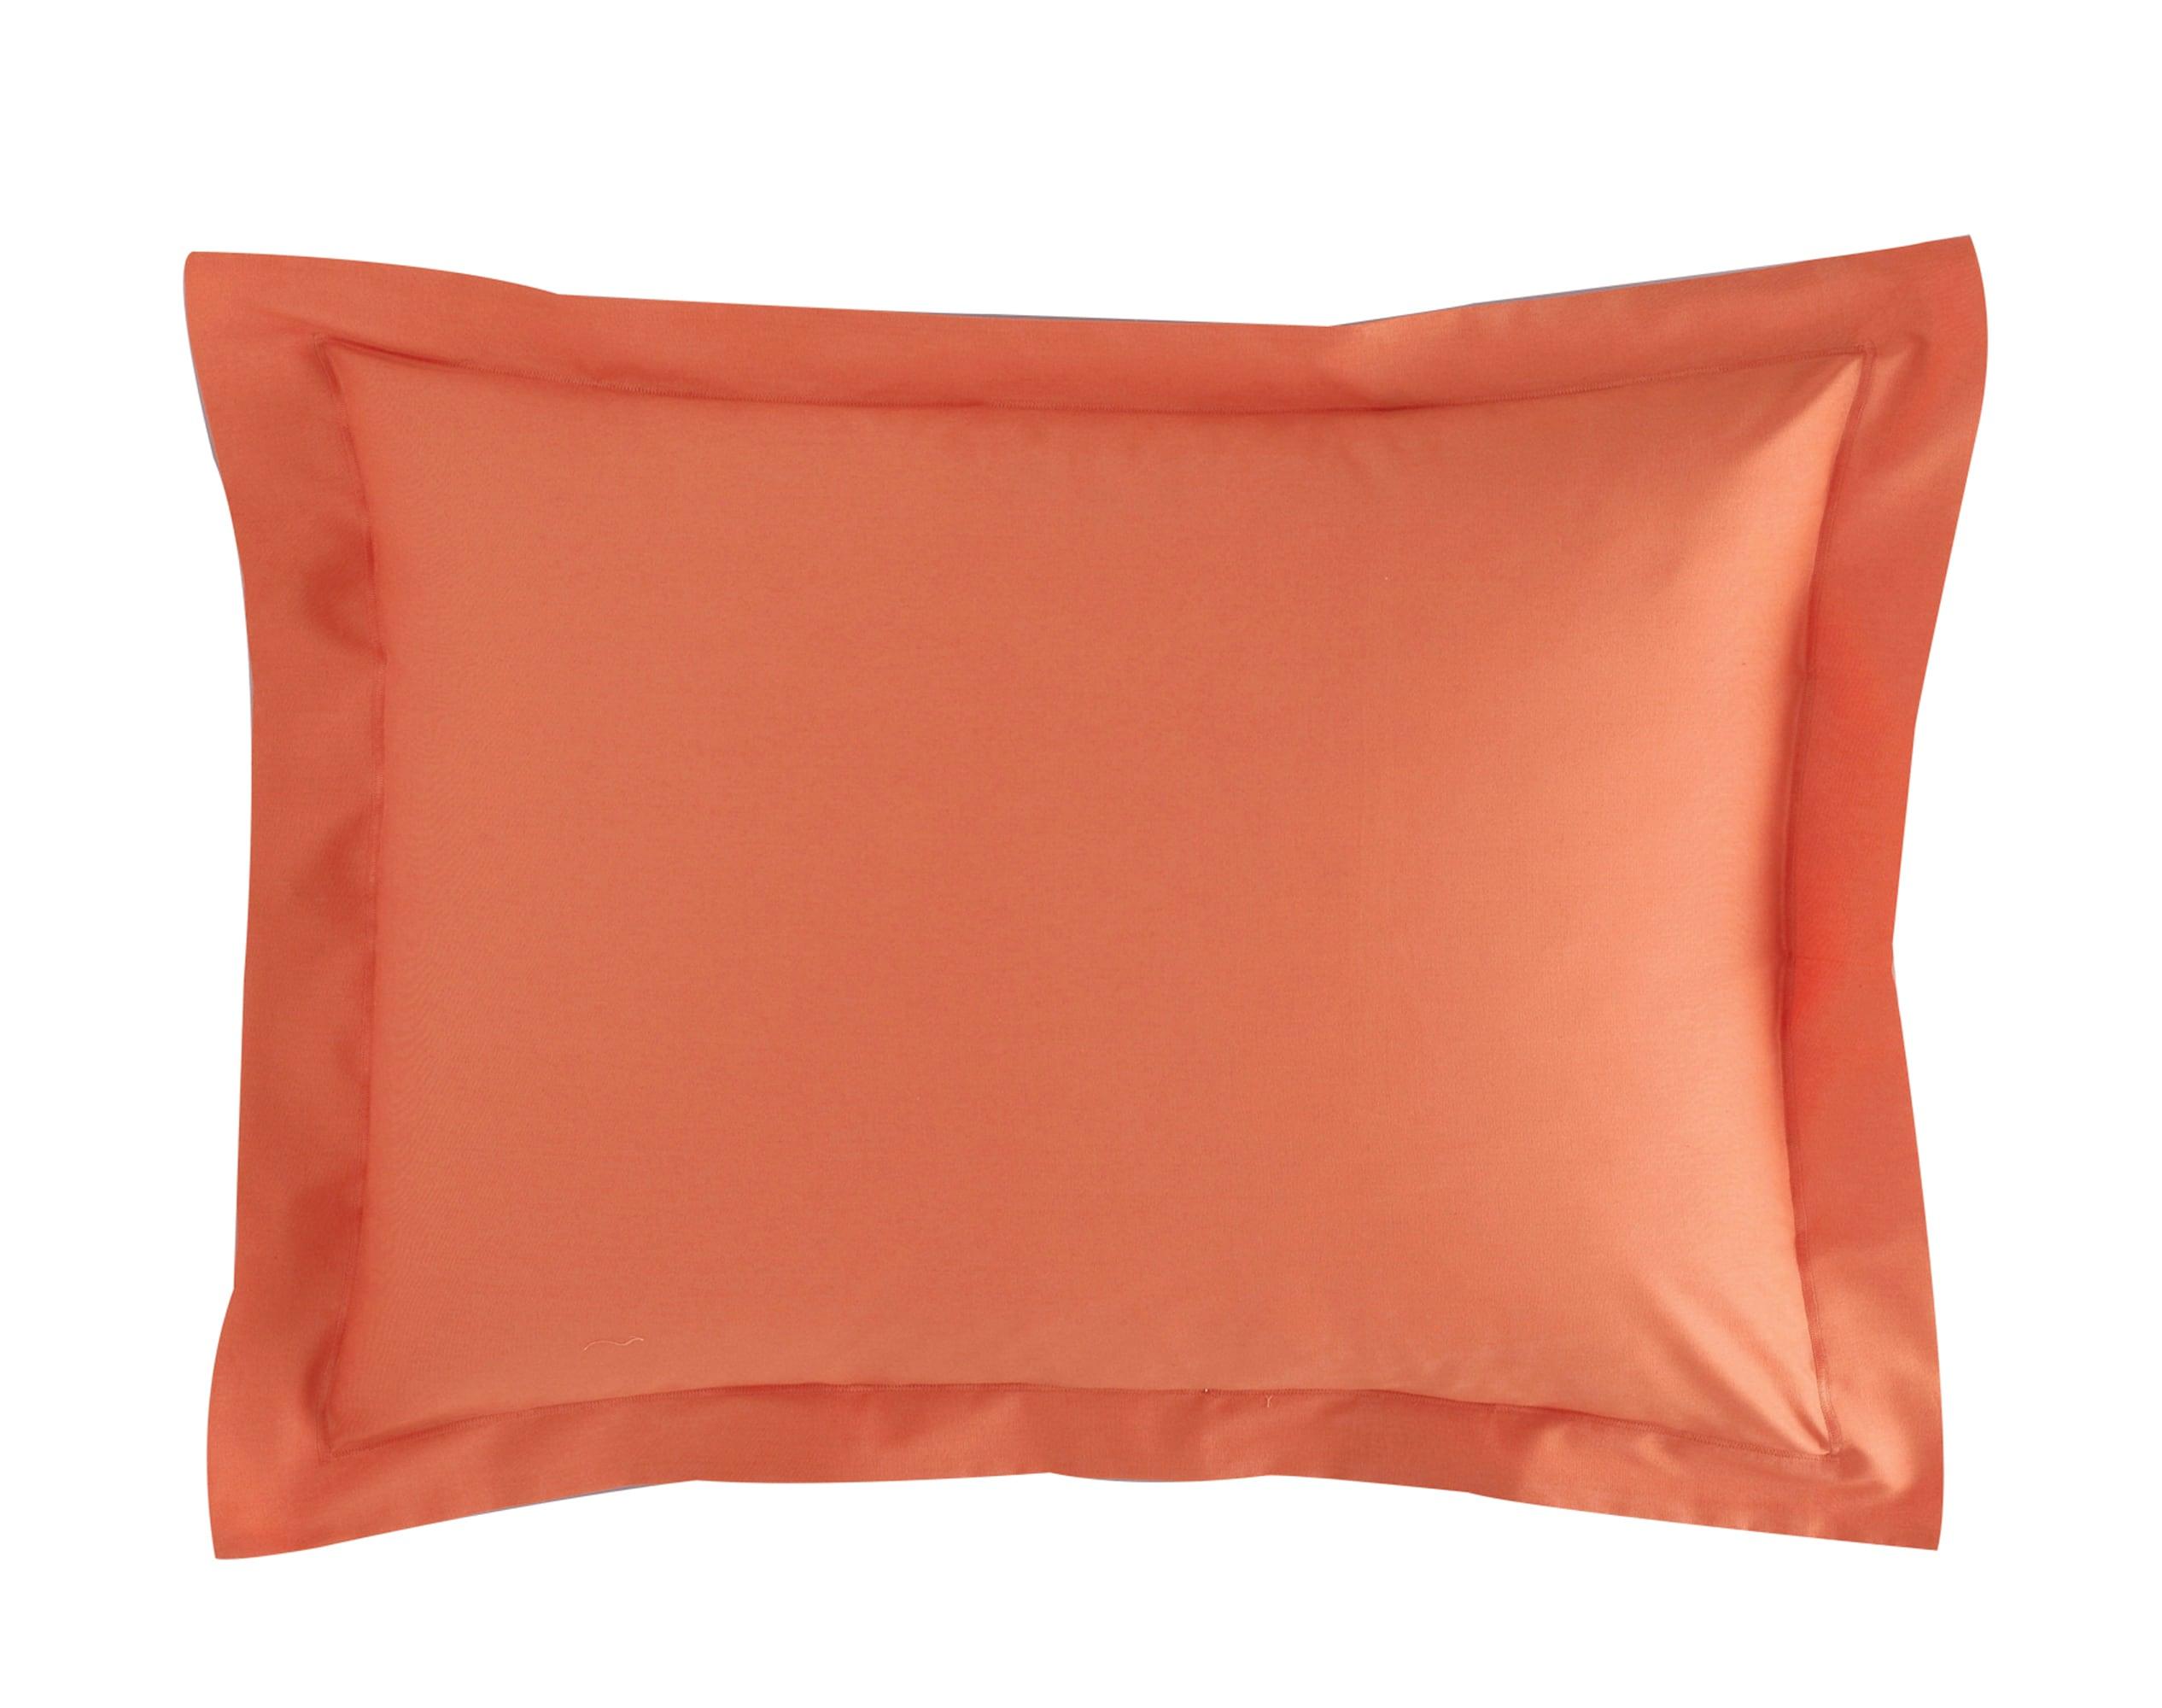 Taie d'oreiller 50x70 en percale de coton  orange terracotta